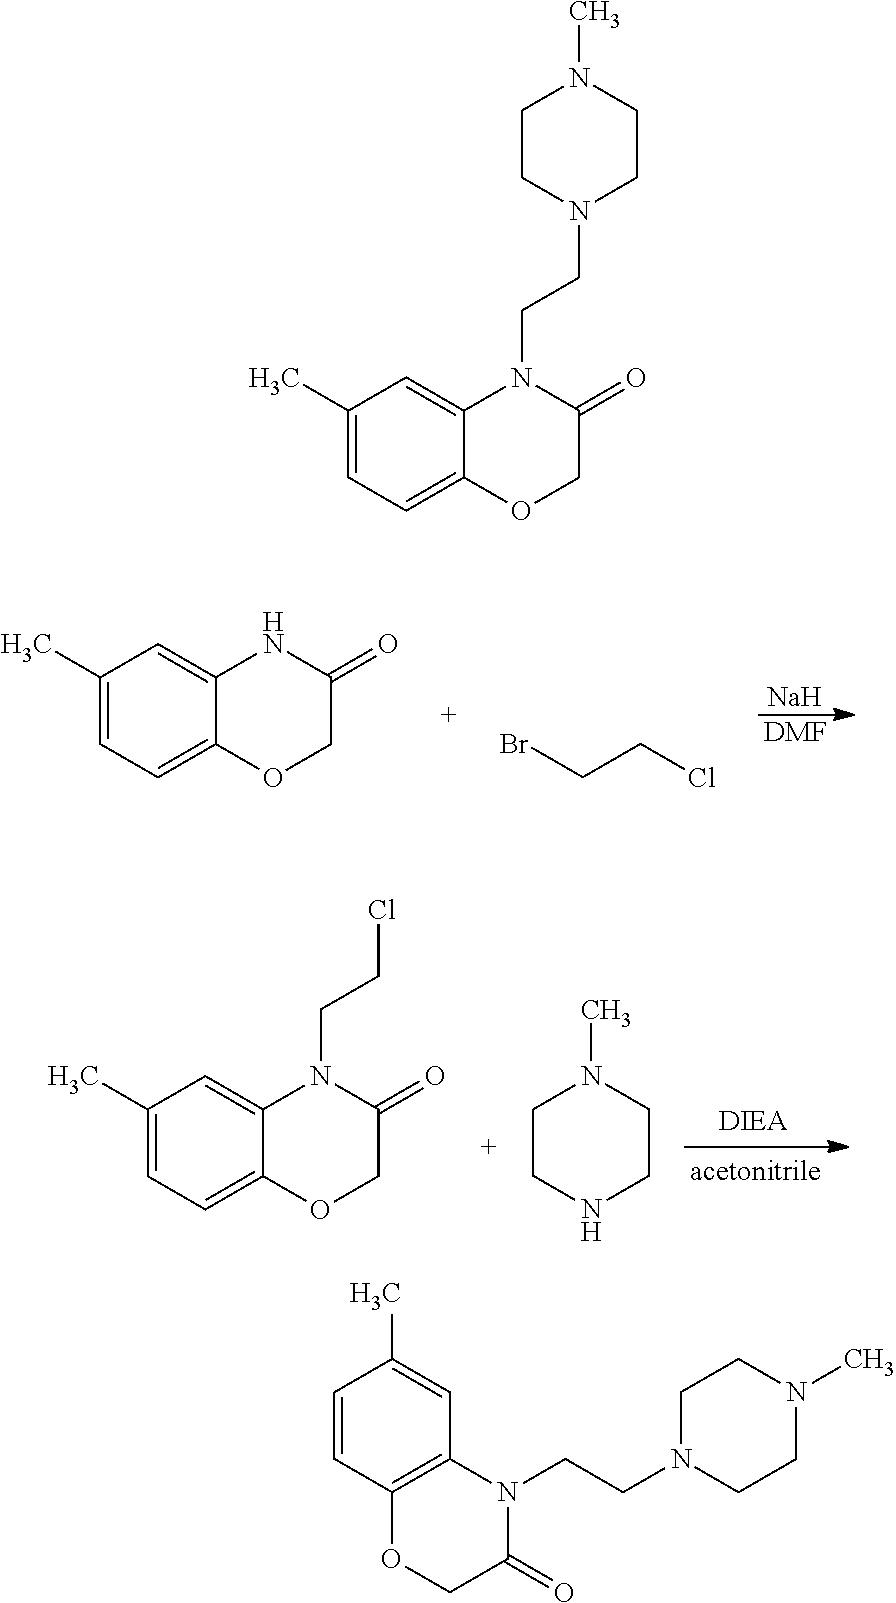 Figure US20190106394A1-20190411-C00082